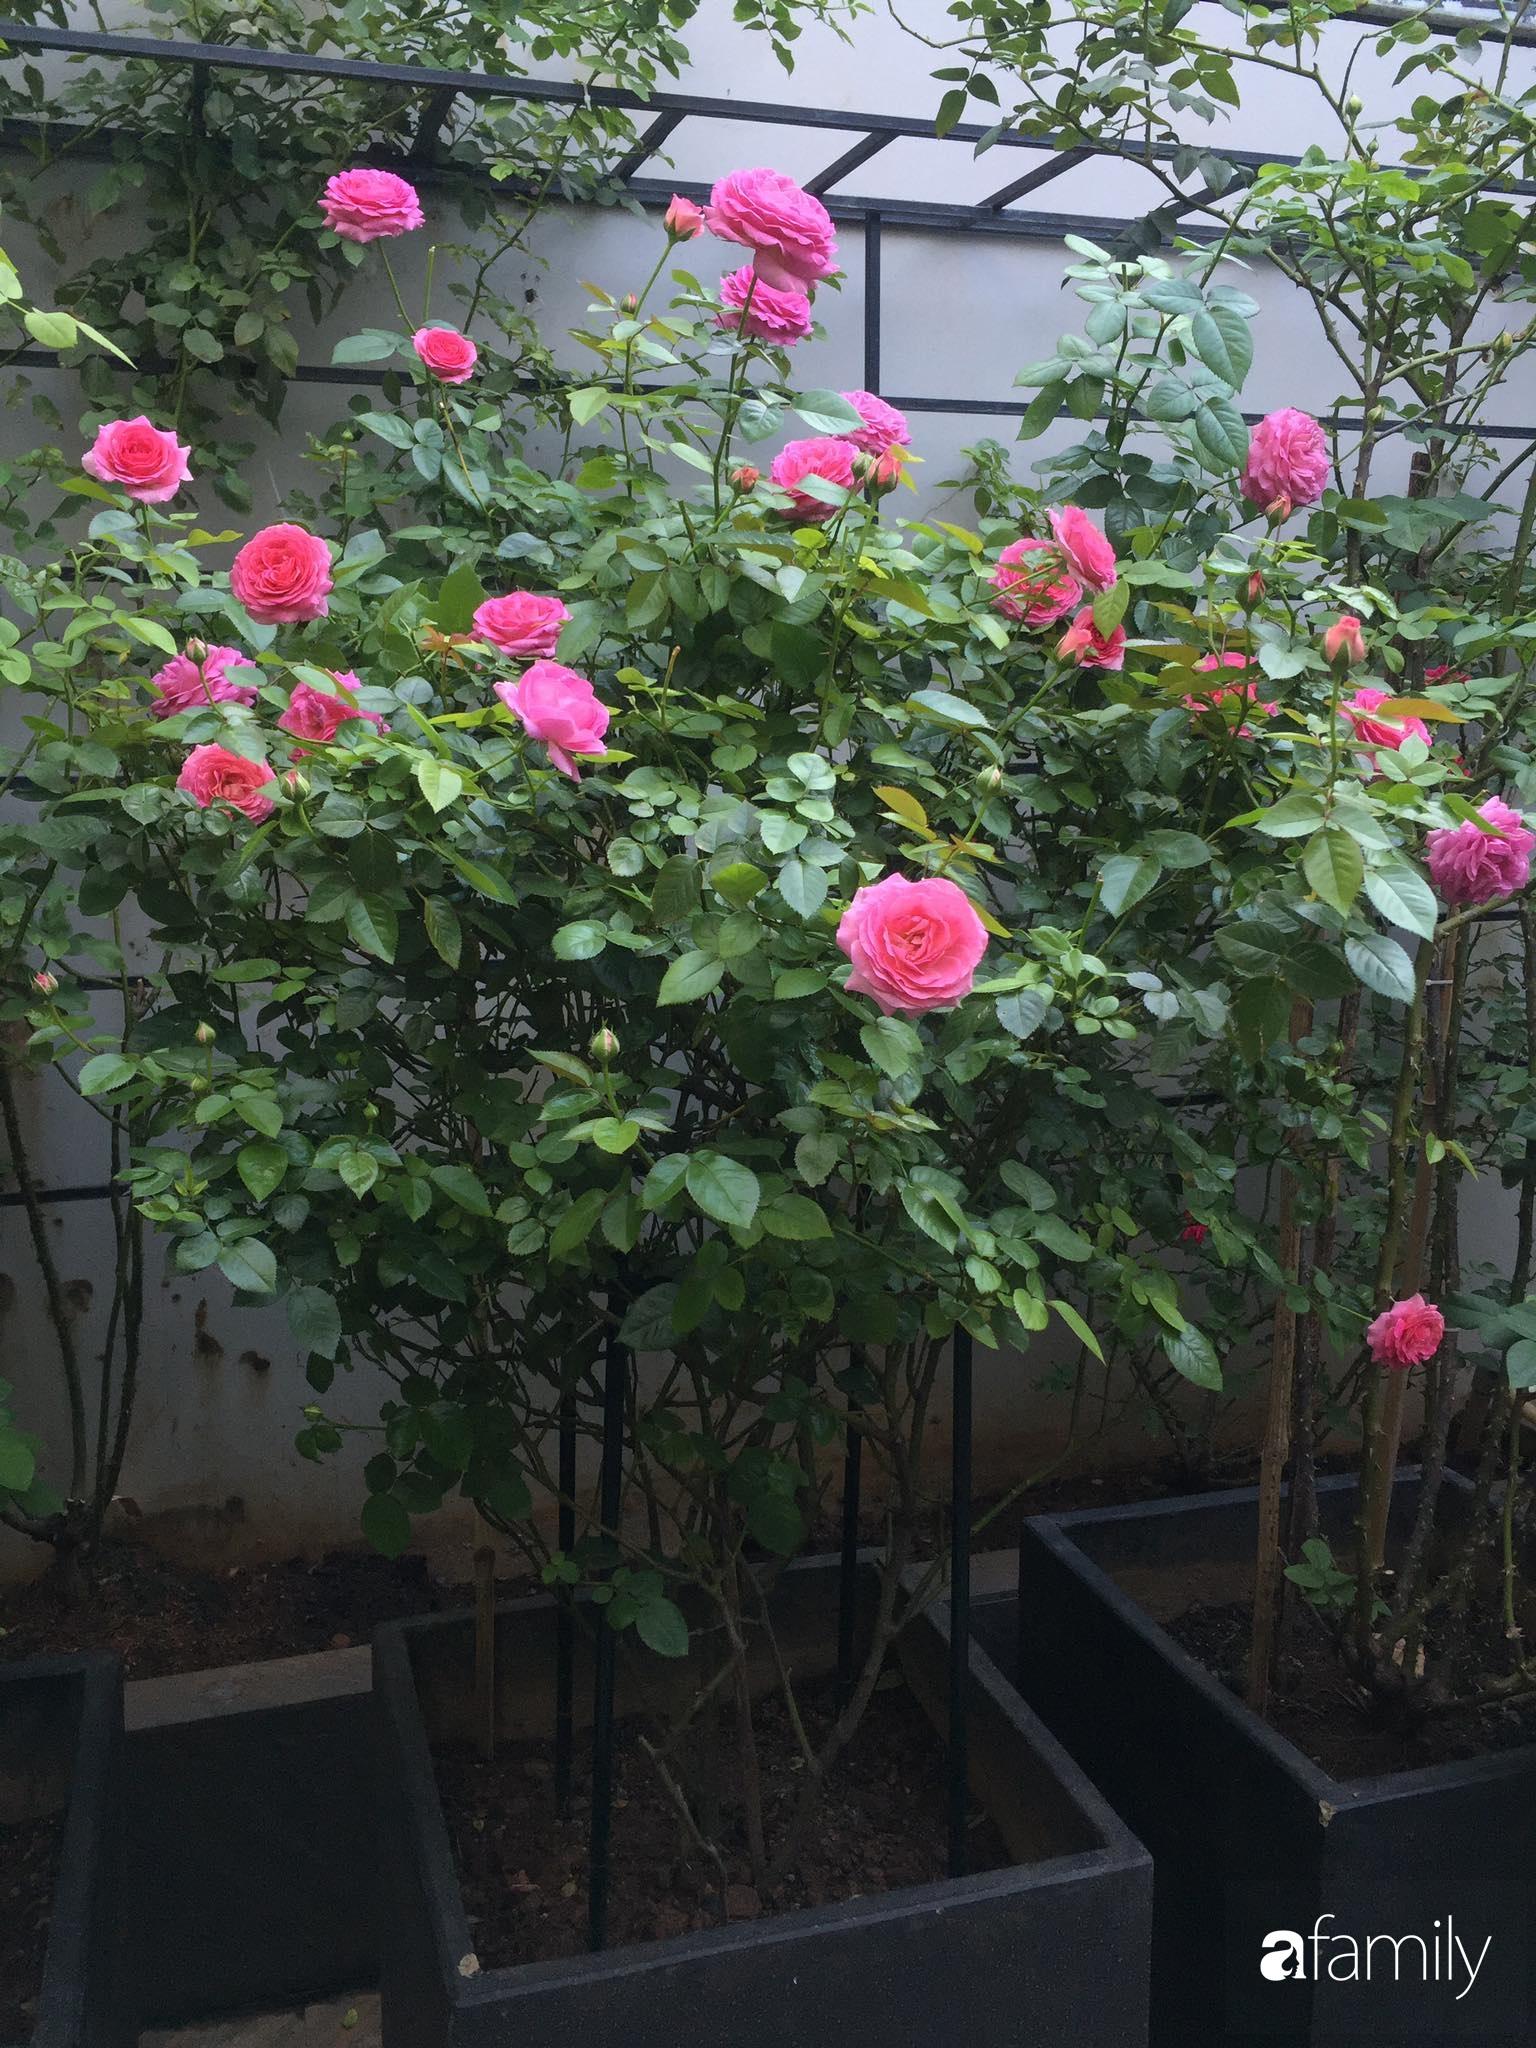 Lối nhỏ vào nhà níu chân bởi những gốc hồng xanh mướt lá rực rỡ sắc hoa ở Sài Gòn - Ảnh 6.